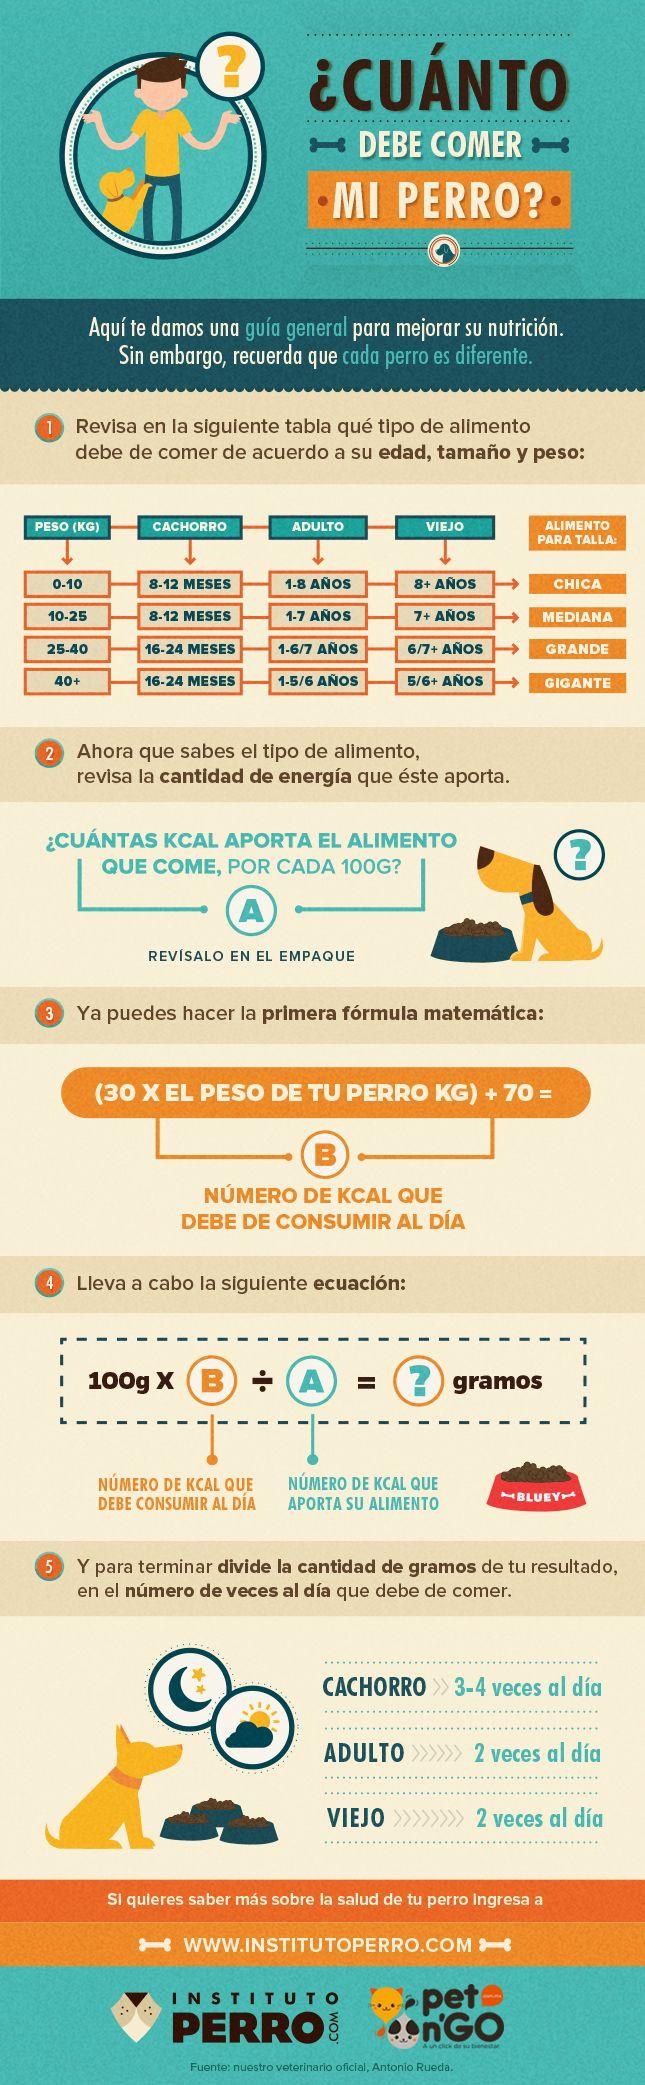 Descubre la cantidad ideal de alimento que necesita tu perro :)   Consiéntelos en #petngo donde puedes encontrar gran variedad de alimentos para tus mascotas <3  www.petngo.com.mx